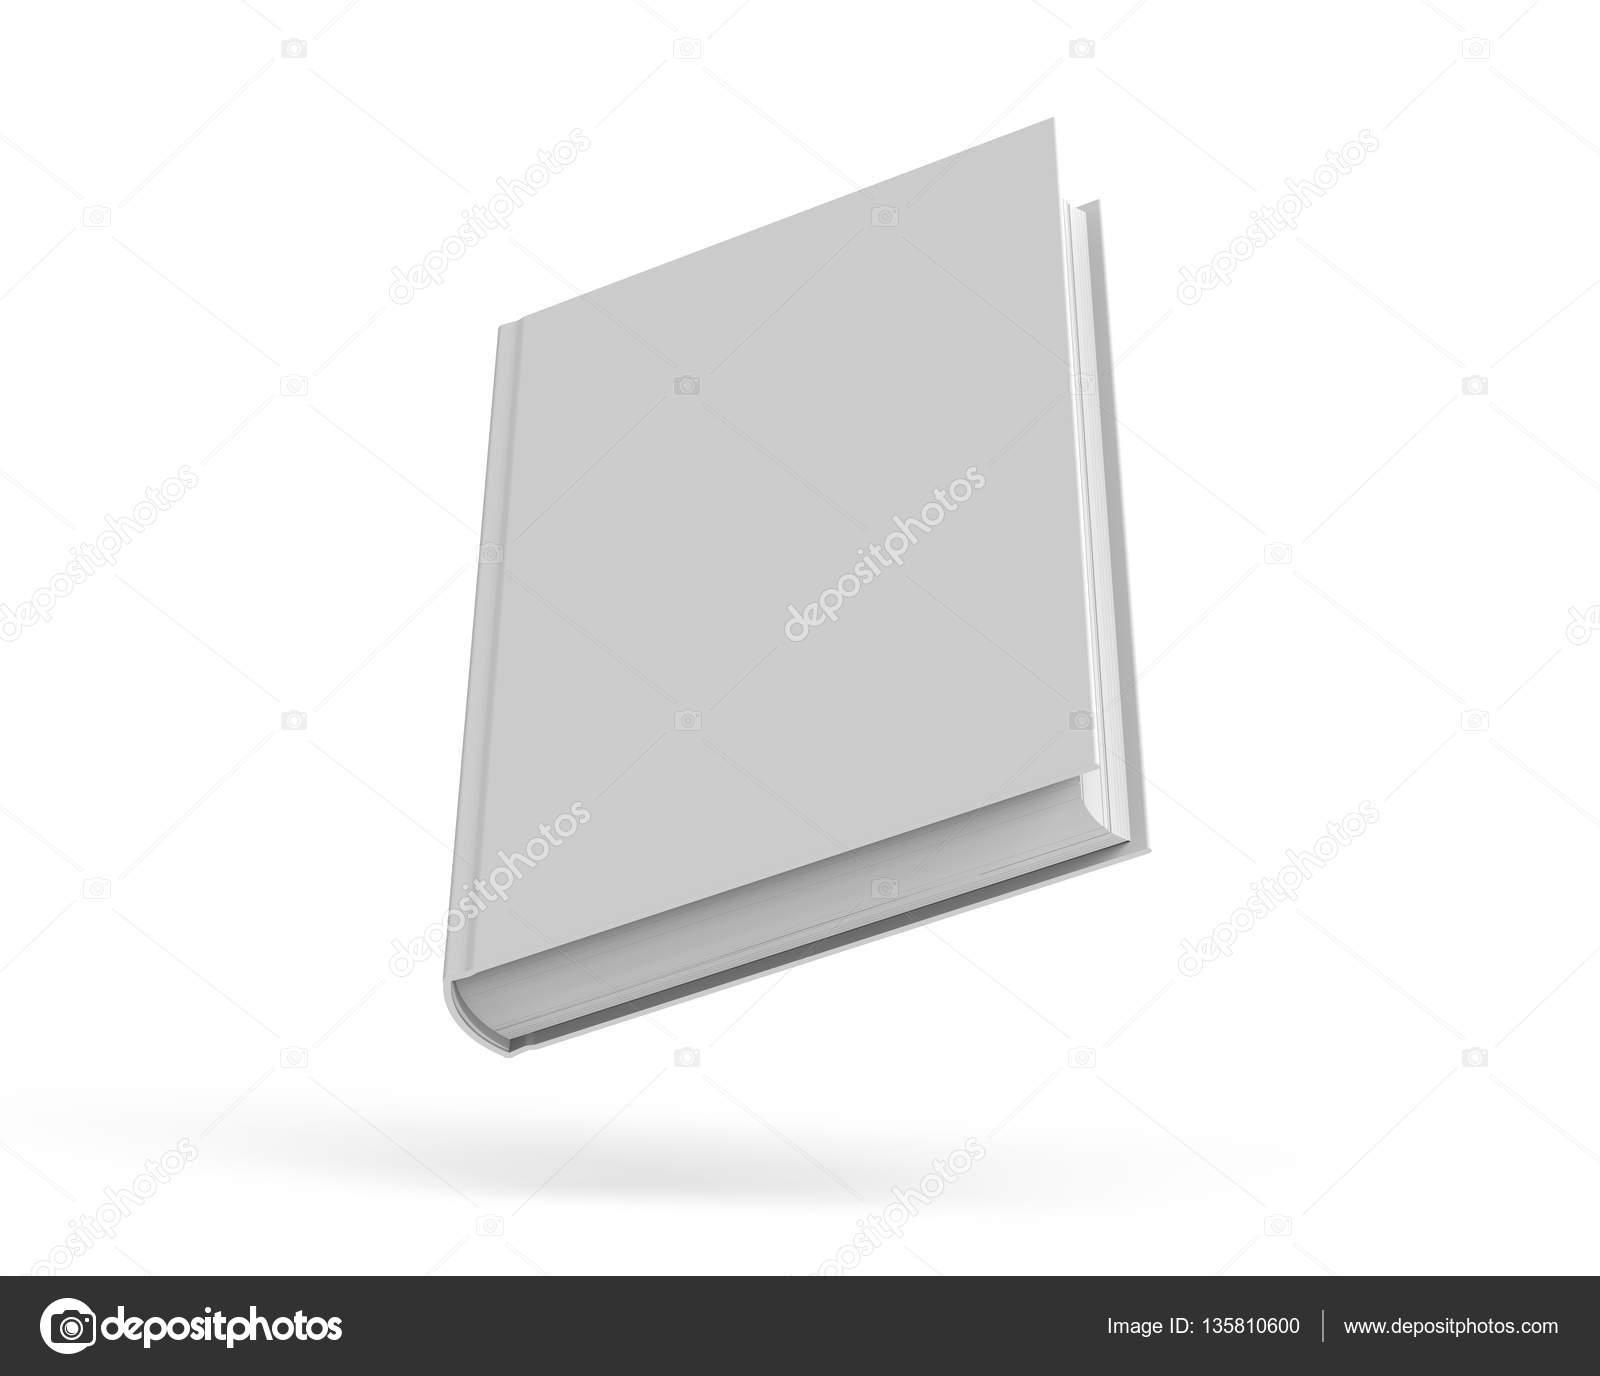 Plantilla de libro de tapa dura — Foto de stock © HstrongART #135810600